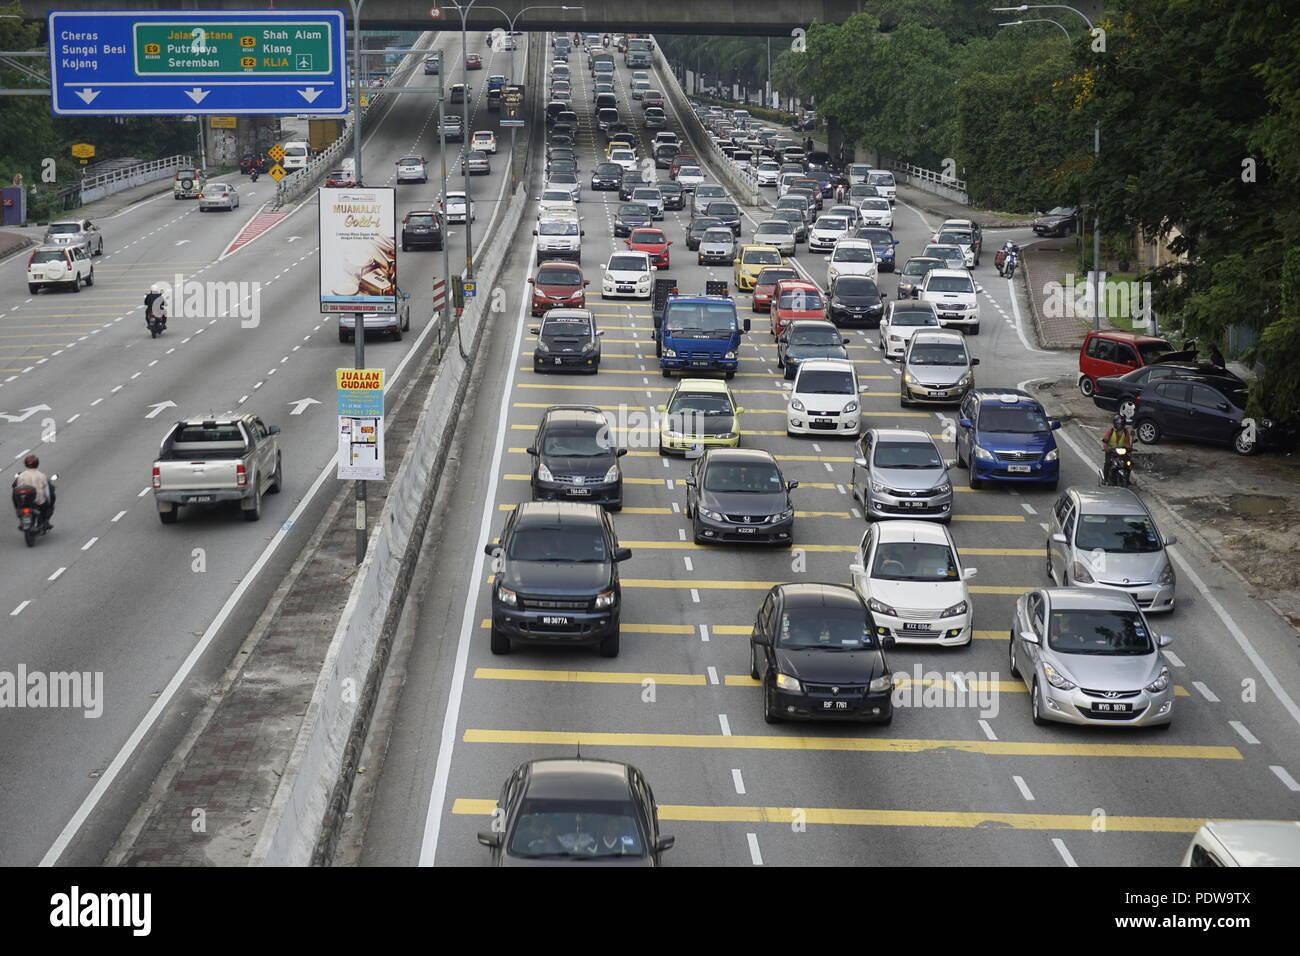 road bottleneck causing traffic crawl - Stock Image